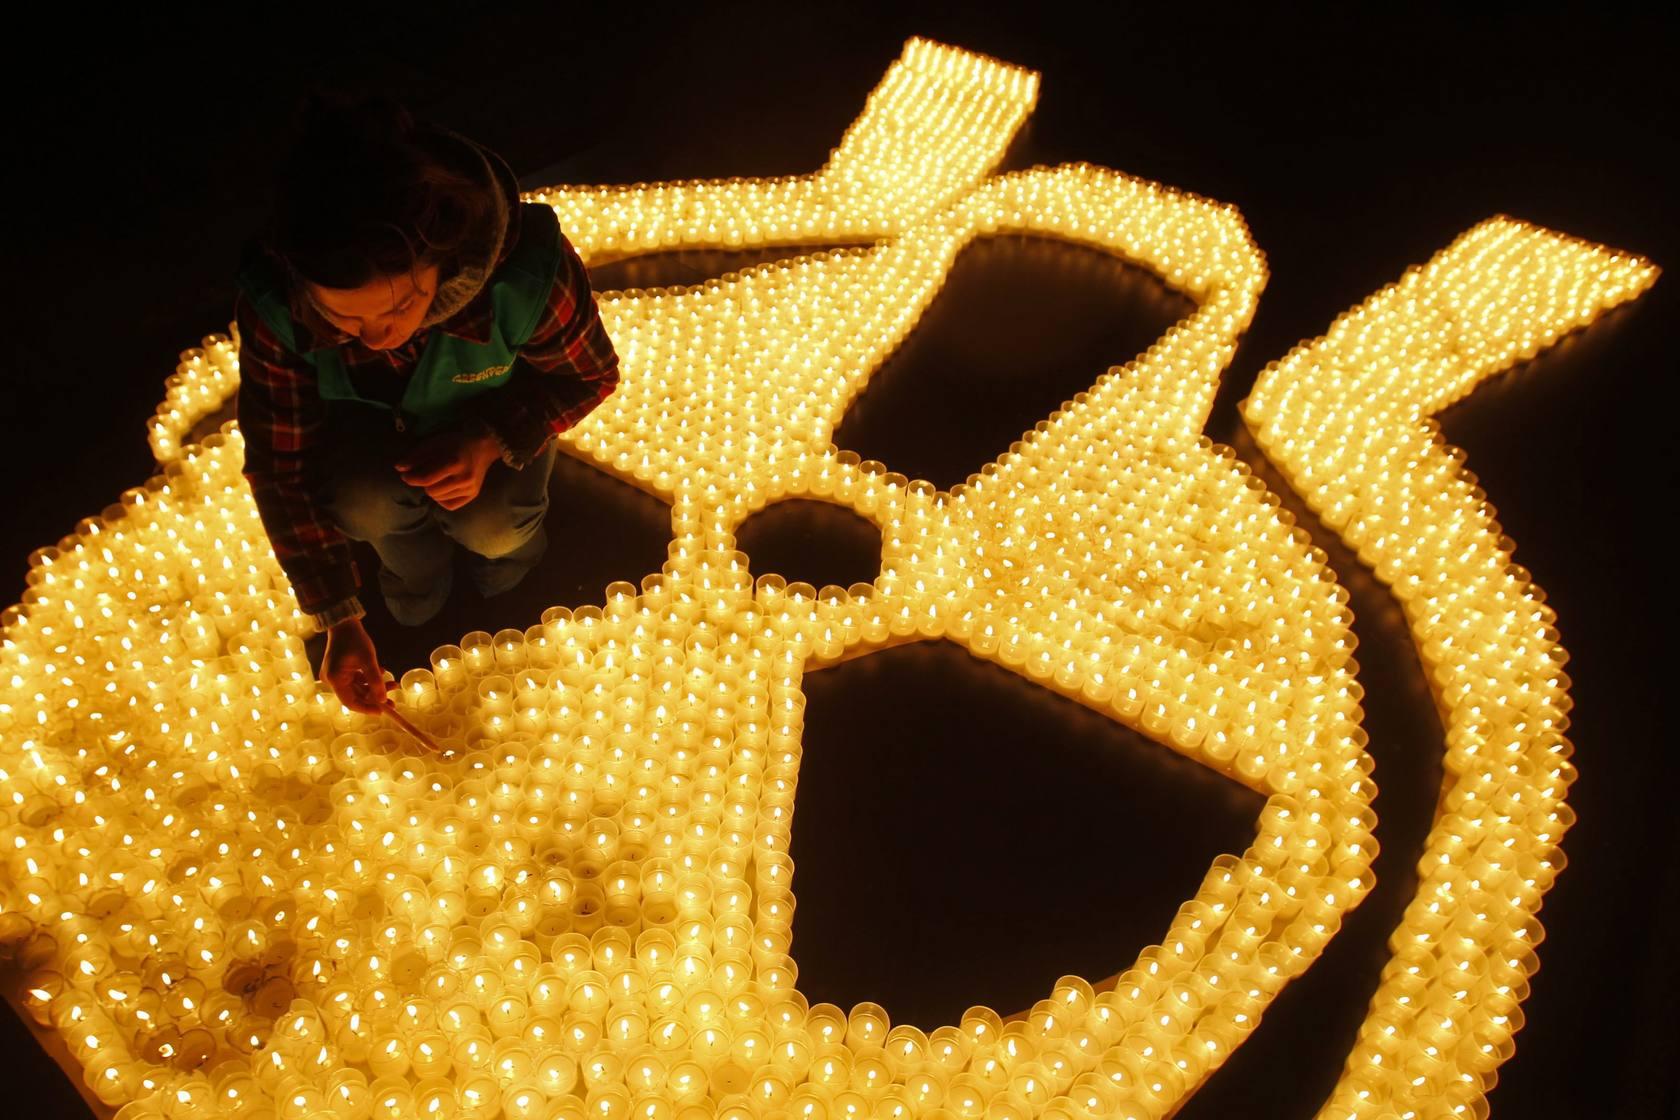 Japón conmemora el devastador terremoto de 2011